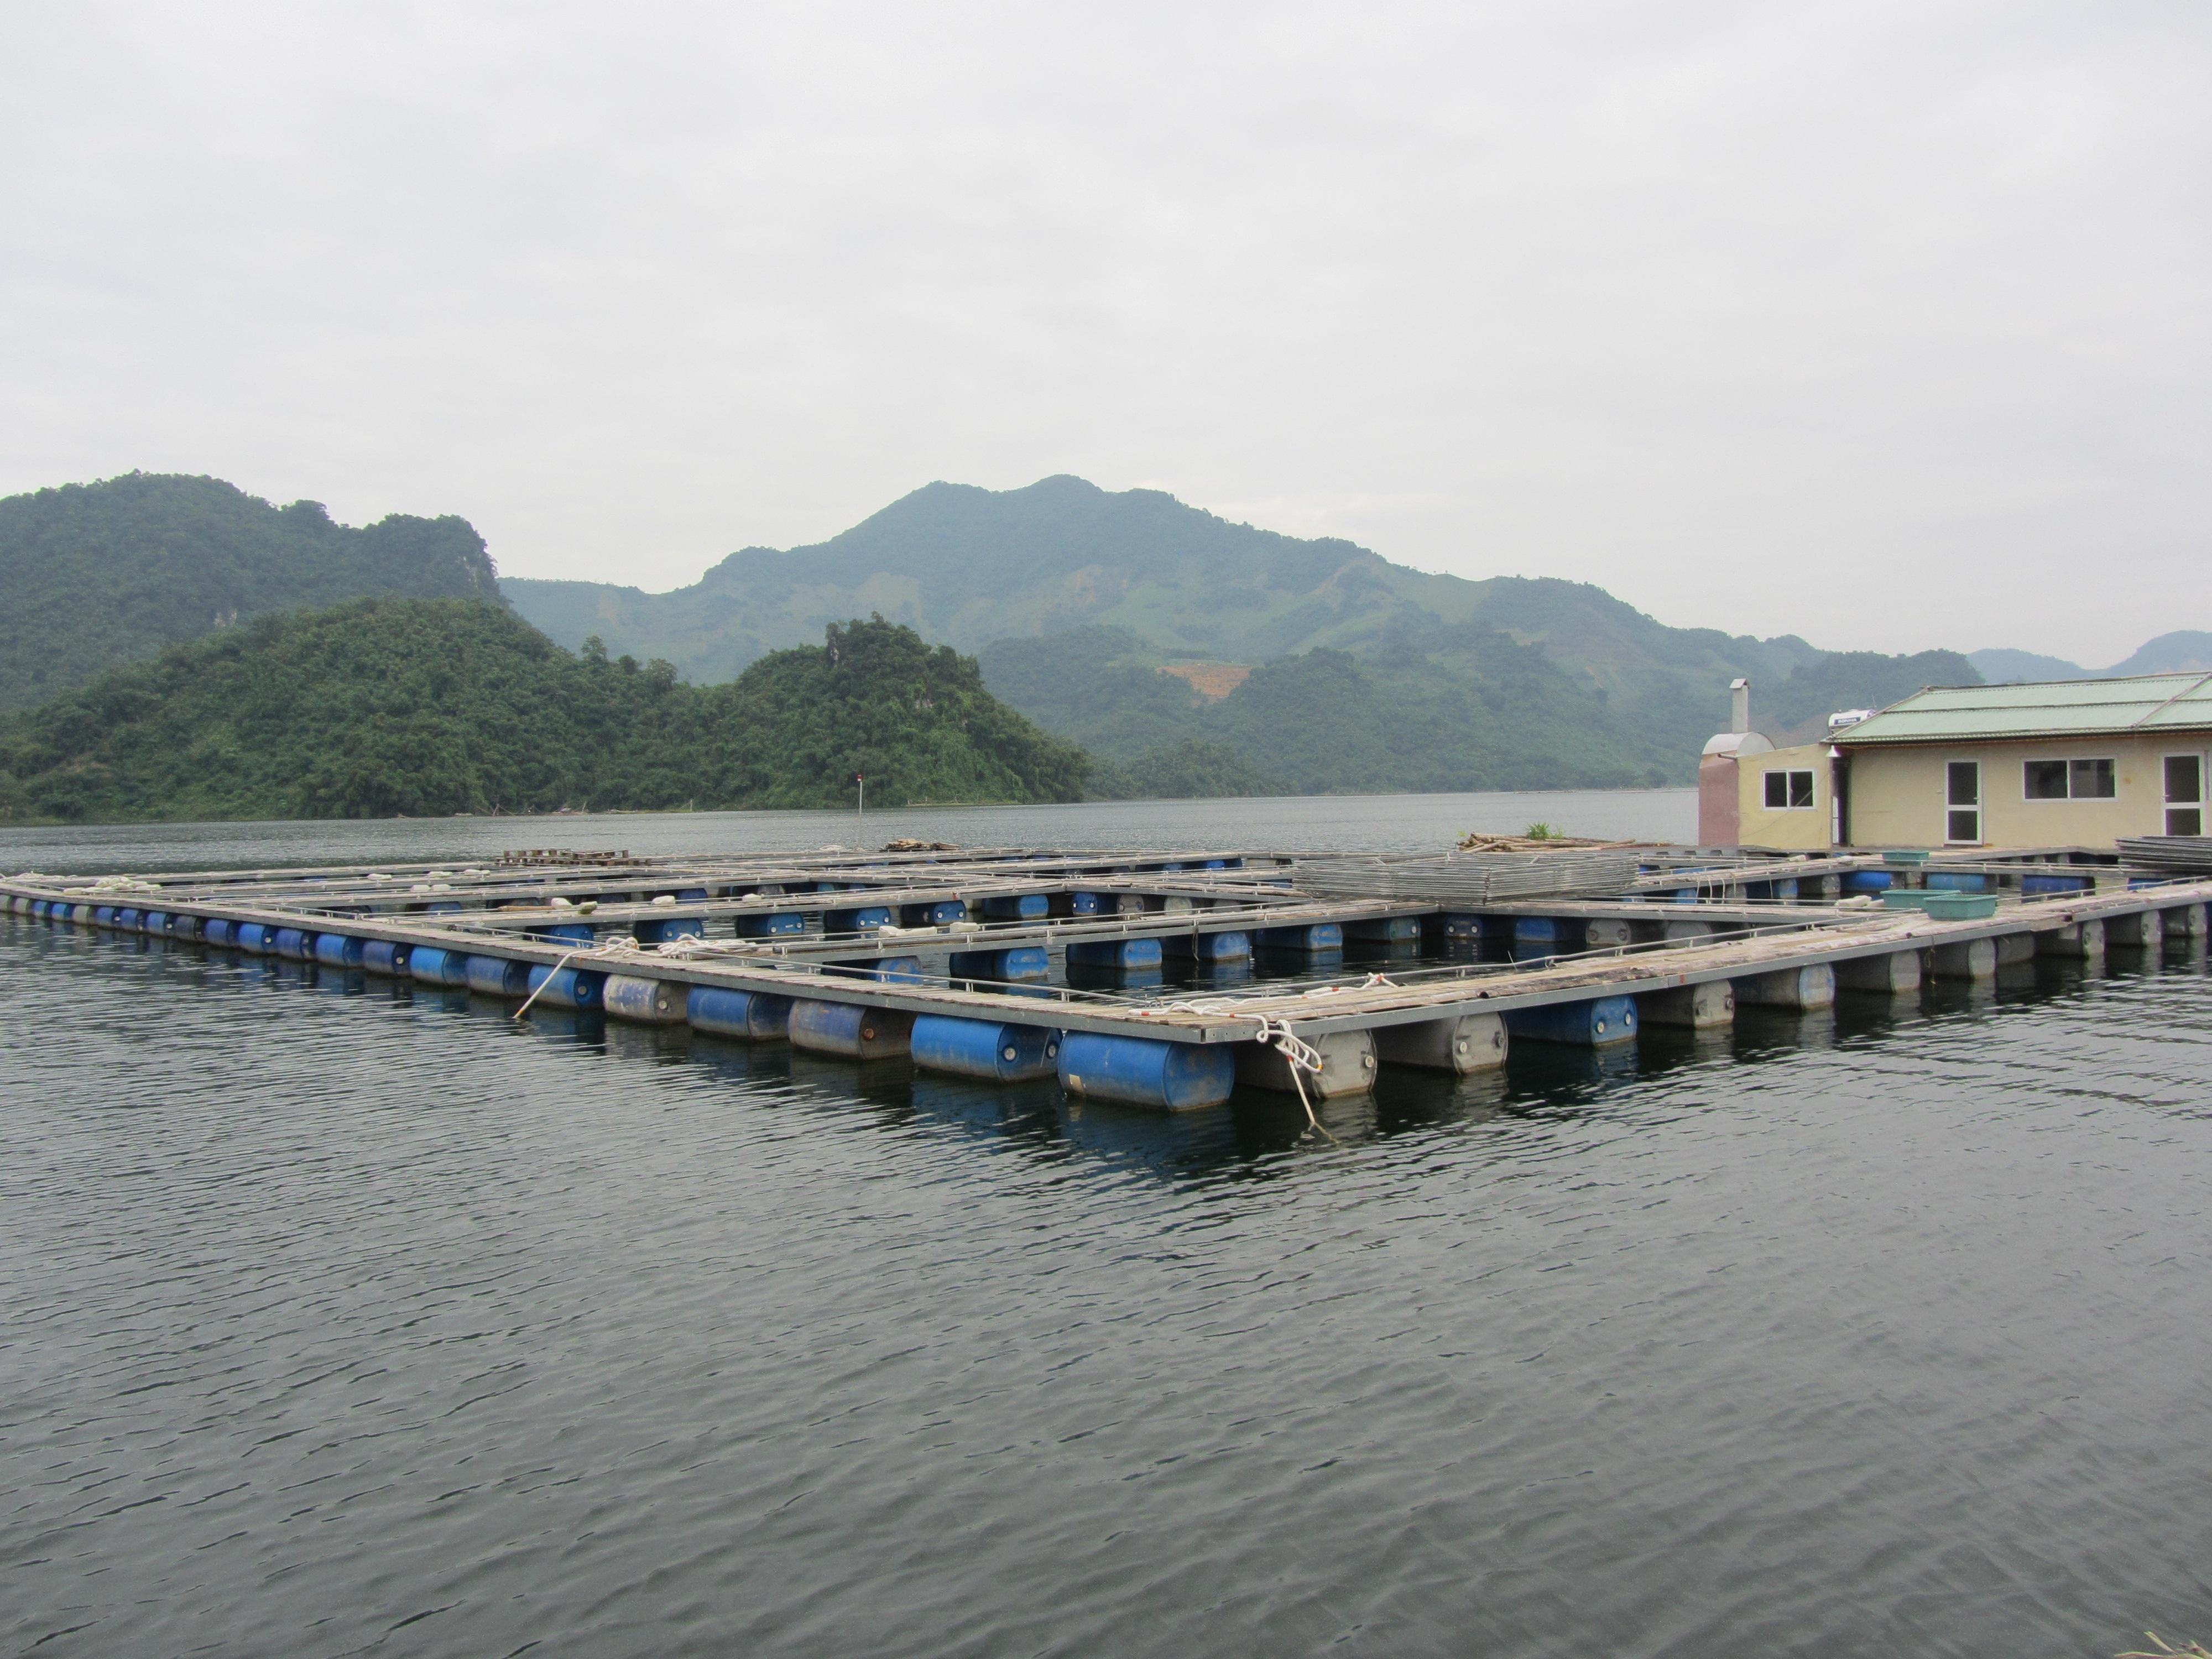 Kỹ thuật nuôi cá tầm trong lồng bè trên hồ chứa - 563d4dc9439d8